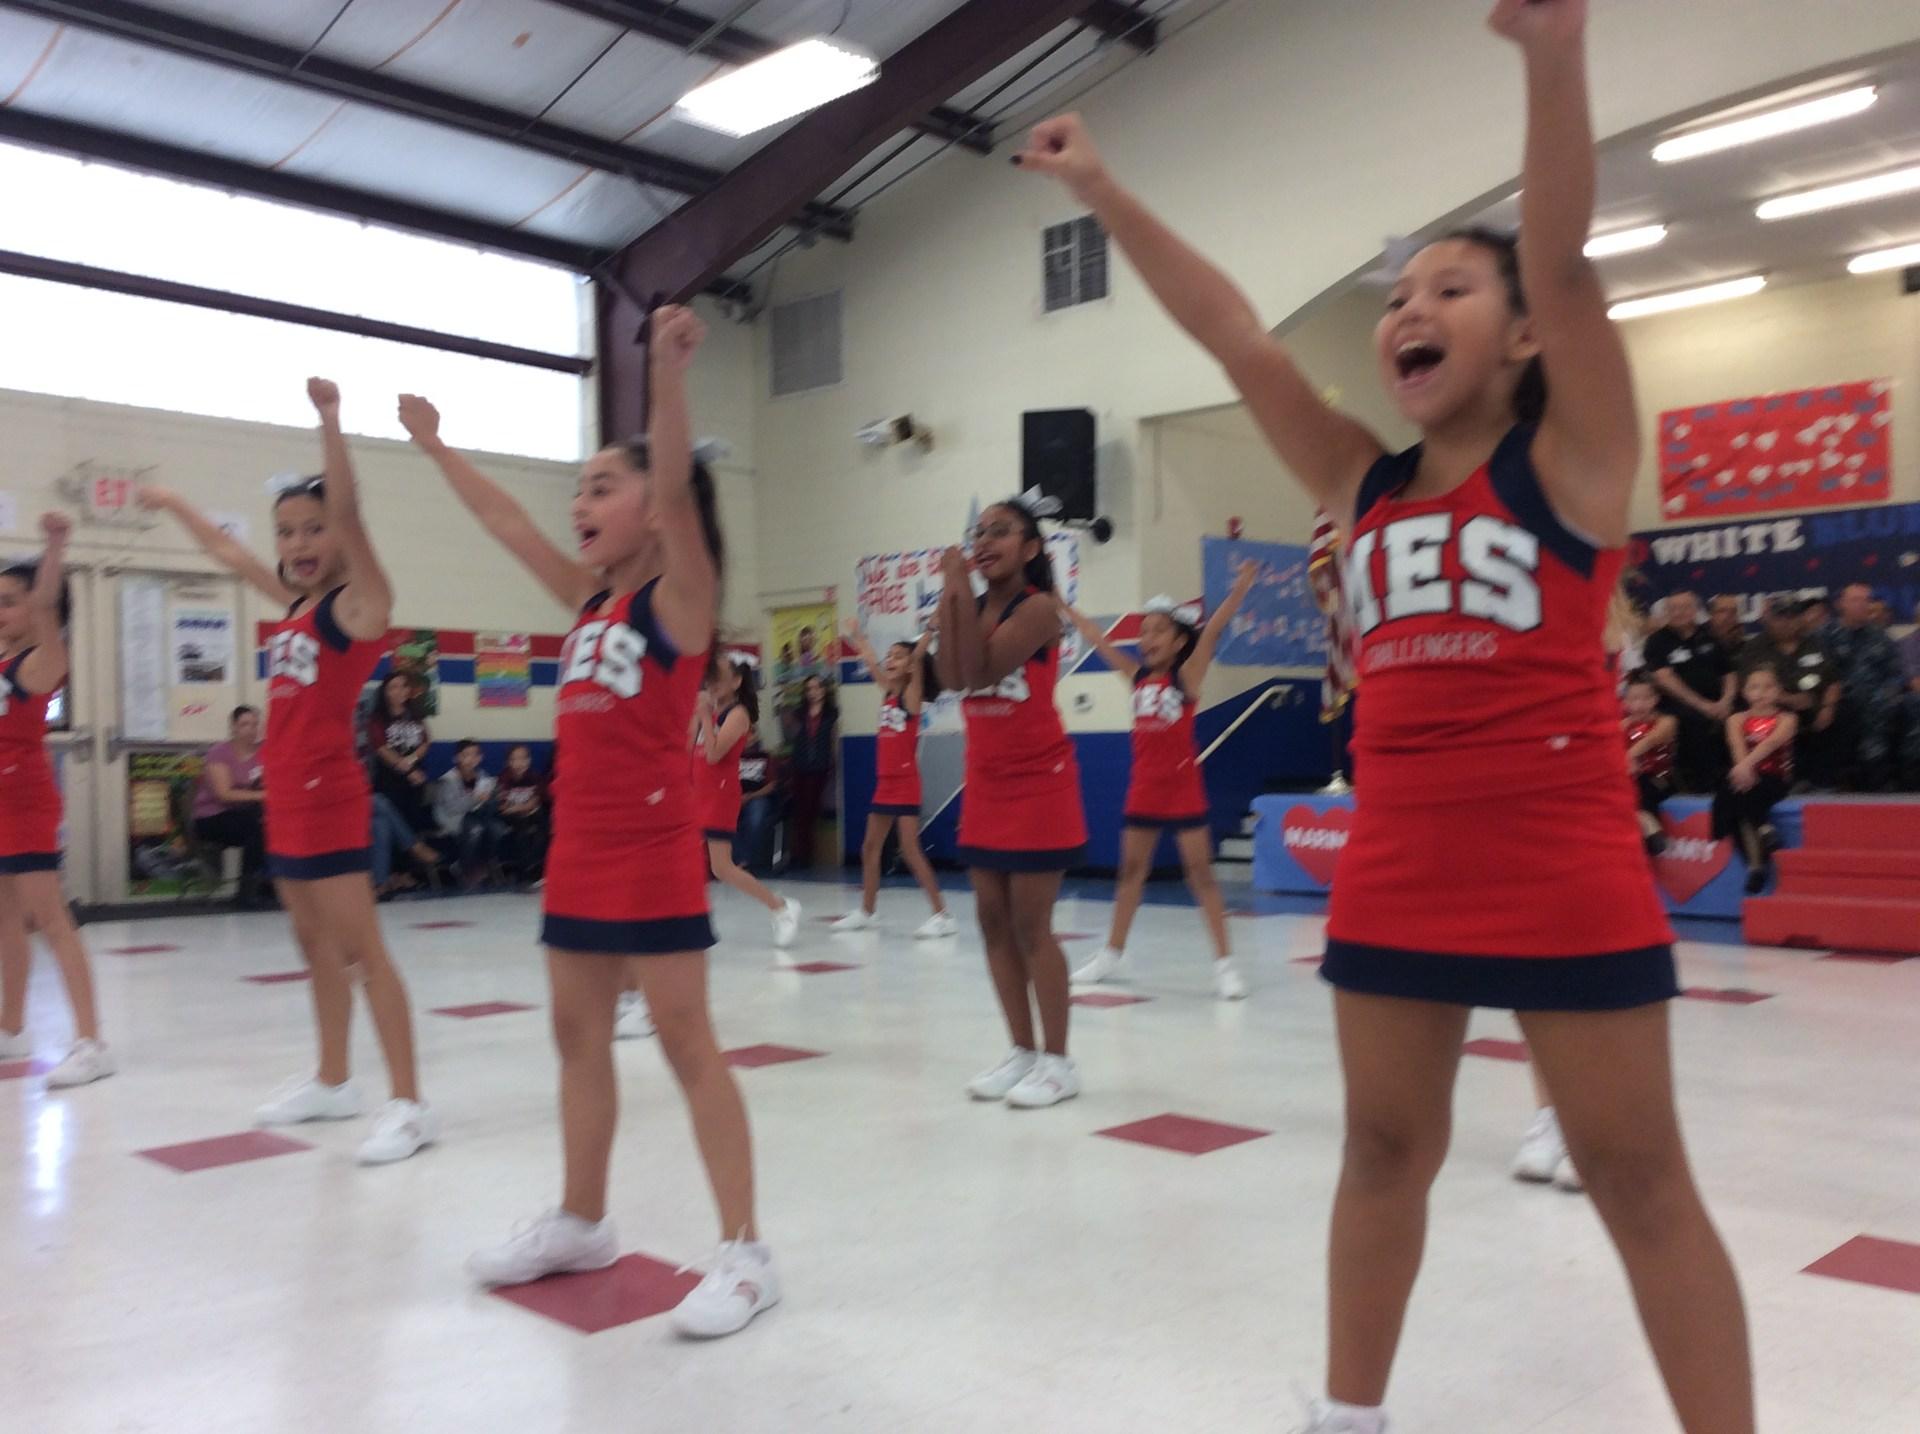 Cheerleaders performing stunts in the gym.